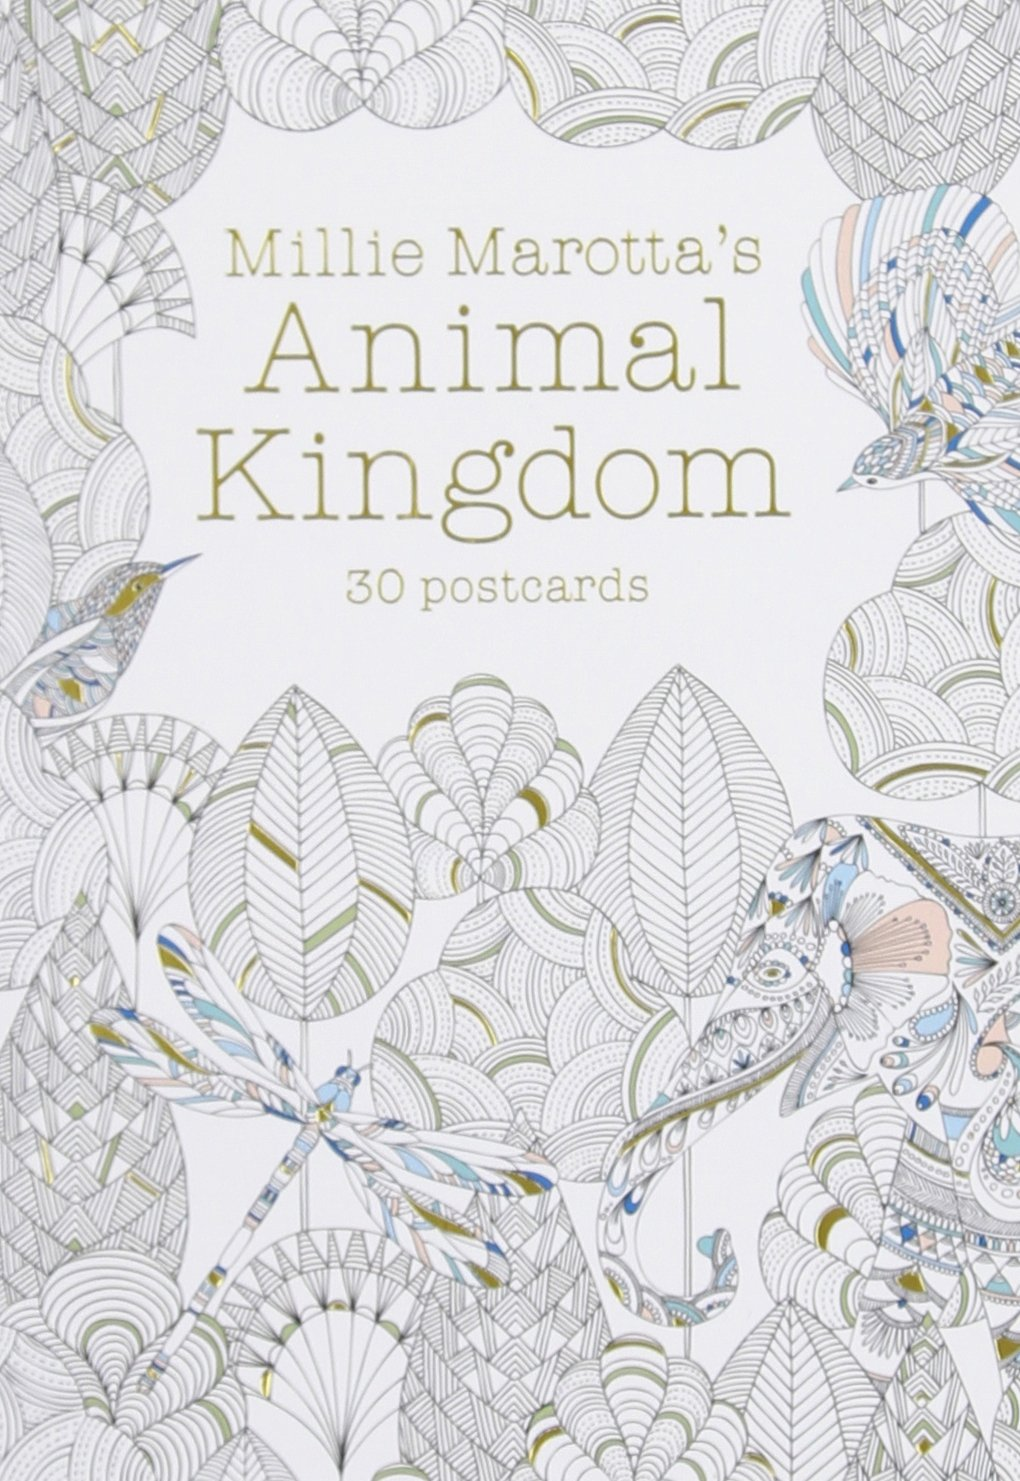 Critique du livret de cartes Animal Kingdom de Millie Marotta